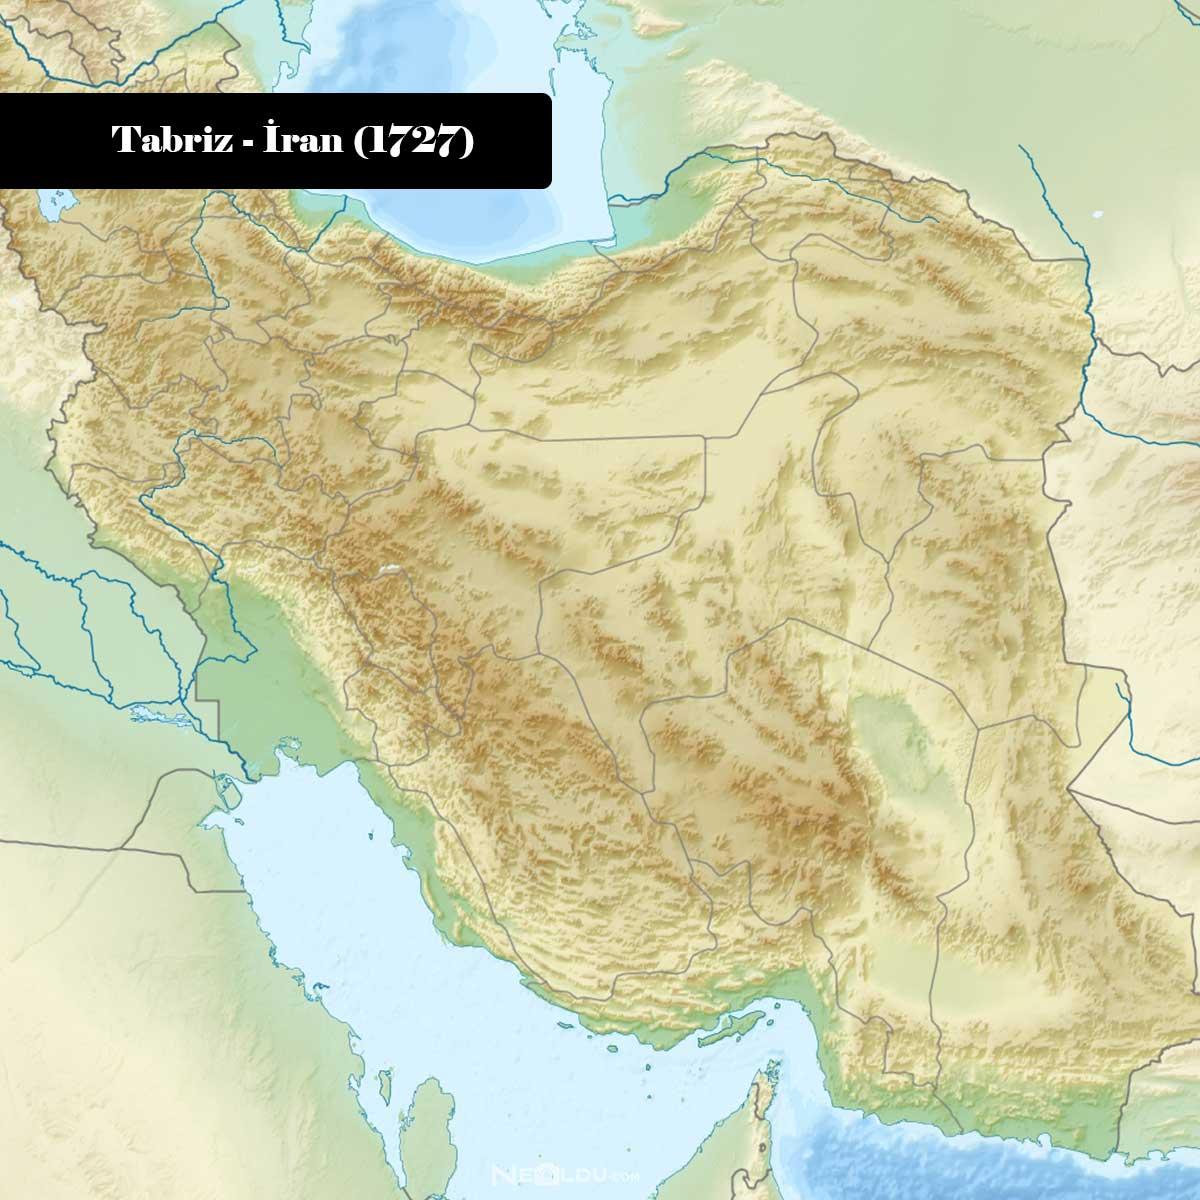 tabriz---iran-(1727).jpg